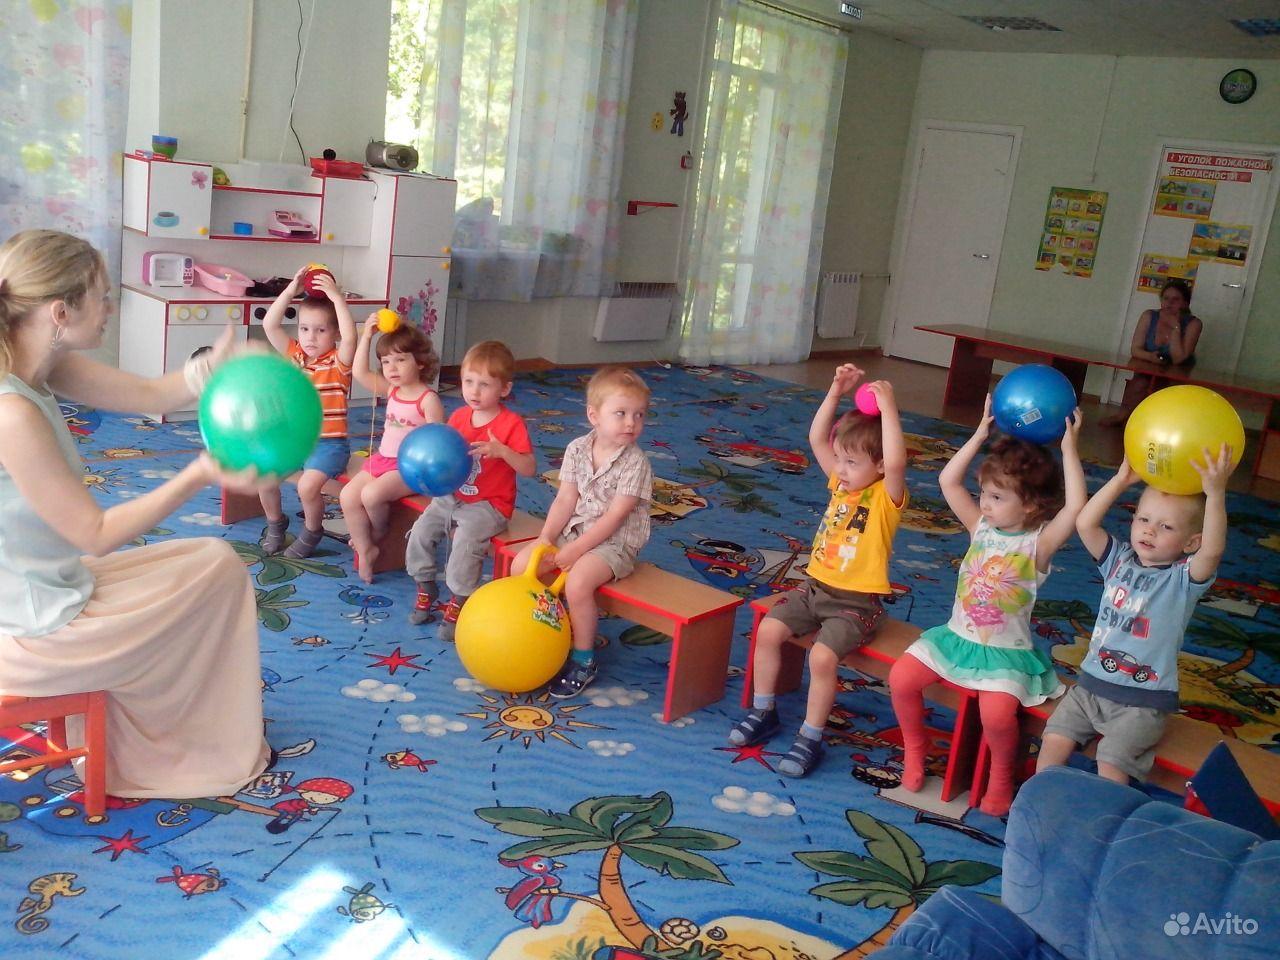 Частный детский сад, ясли от 1.2 до 3 лет. Новосибирская область,  Новосибирск